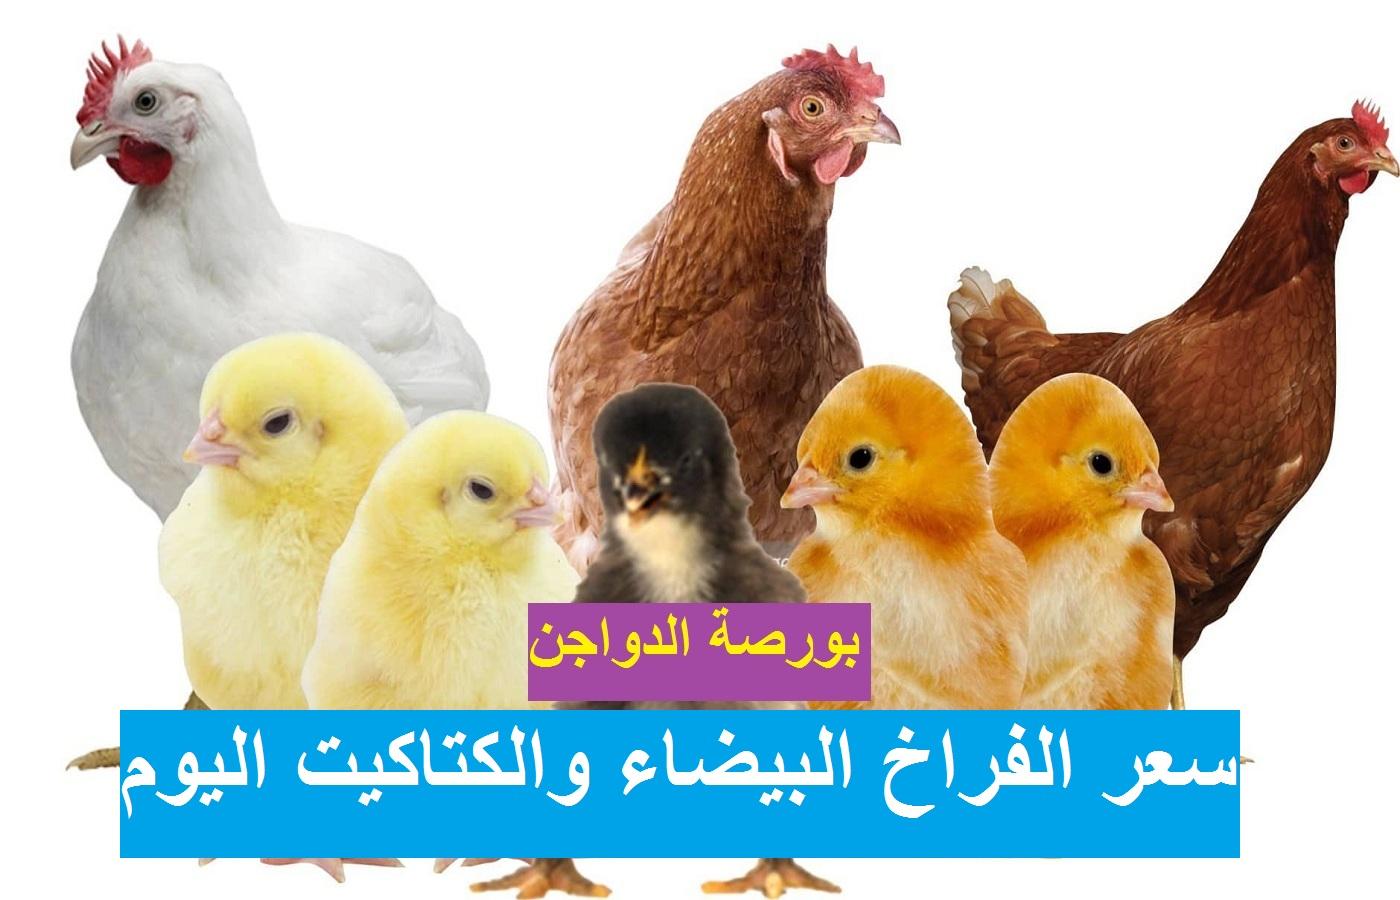 بورصة الدواجن يوم 2 رمضان.. أسعار الدواجن اليوم الأربعاء 14 أبريل 2021 وسعر الفراخ وسعر الكتكوت الابيض 9